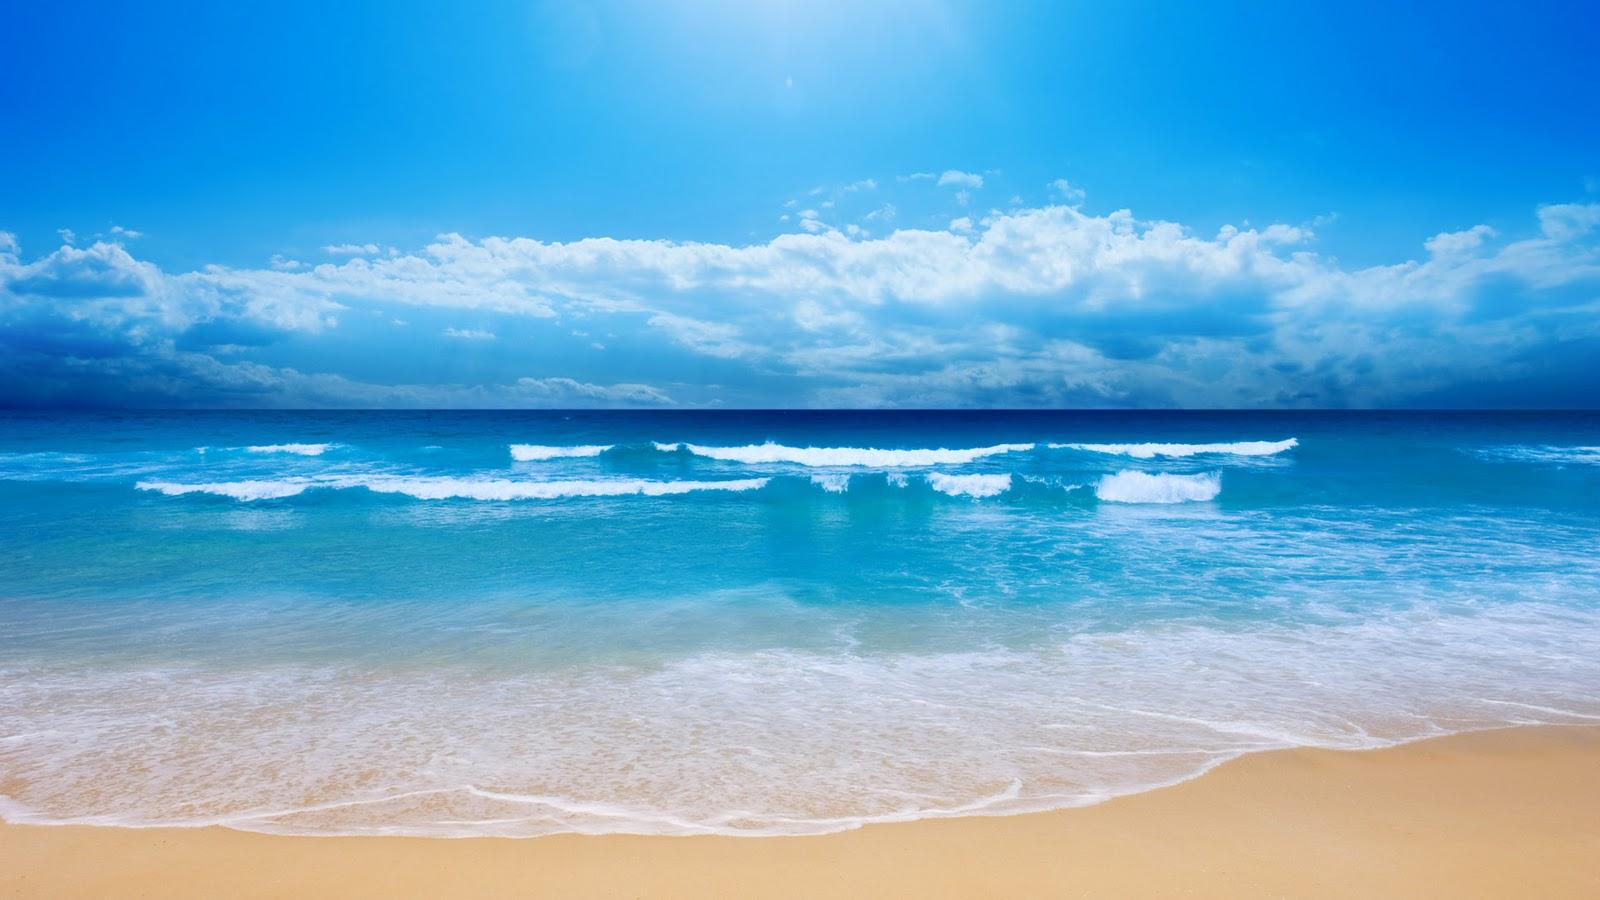 http://3.bp.blogspot.com/_XF_J0xP6x-w/TTS1nkJ44WI/AAAAAAAAApY/8utWtXvOkTI/s1600/small_sea_wave_hdtv_1080p-HD.jpg